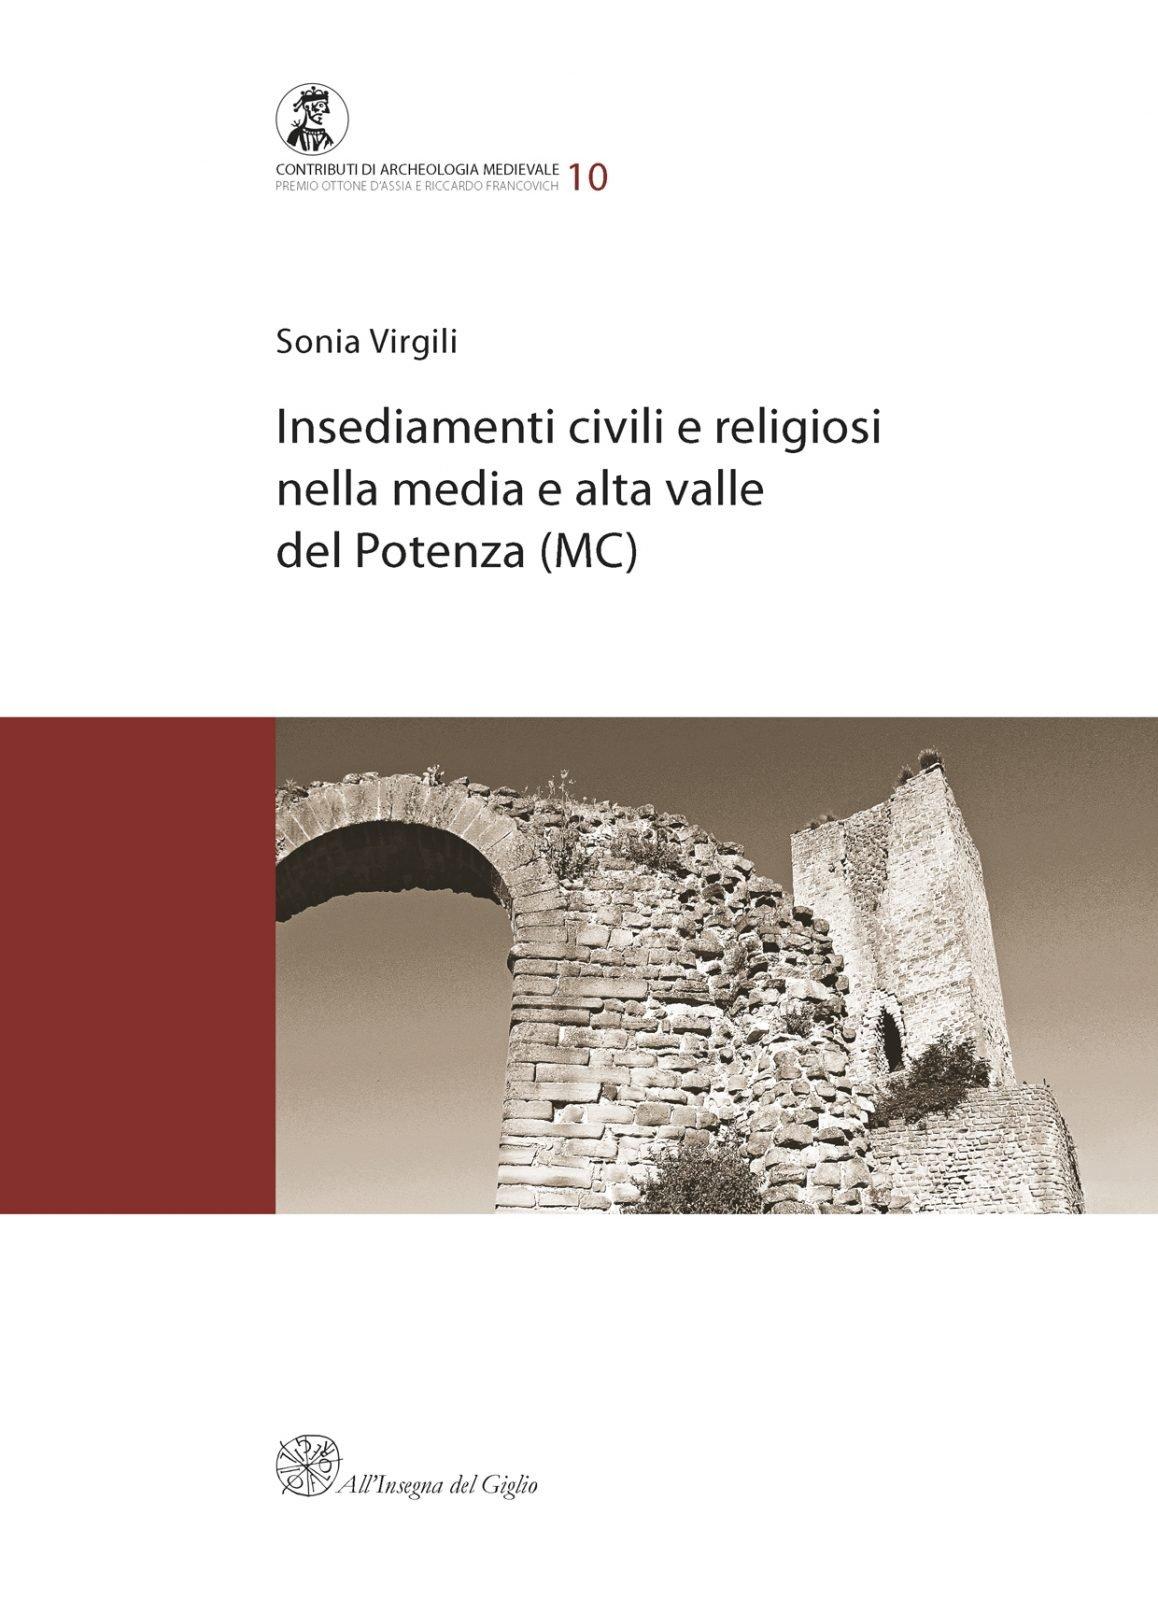 Insediamenti civili e religiosi, copertina.